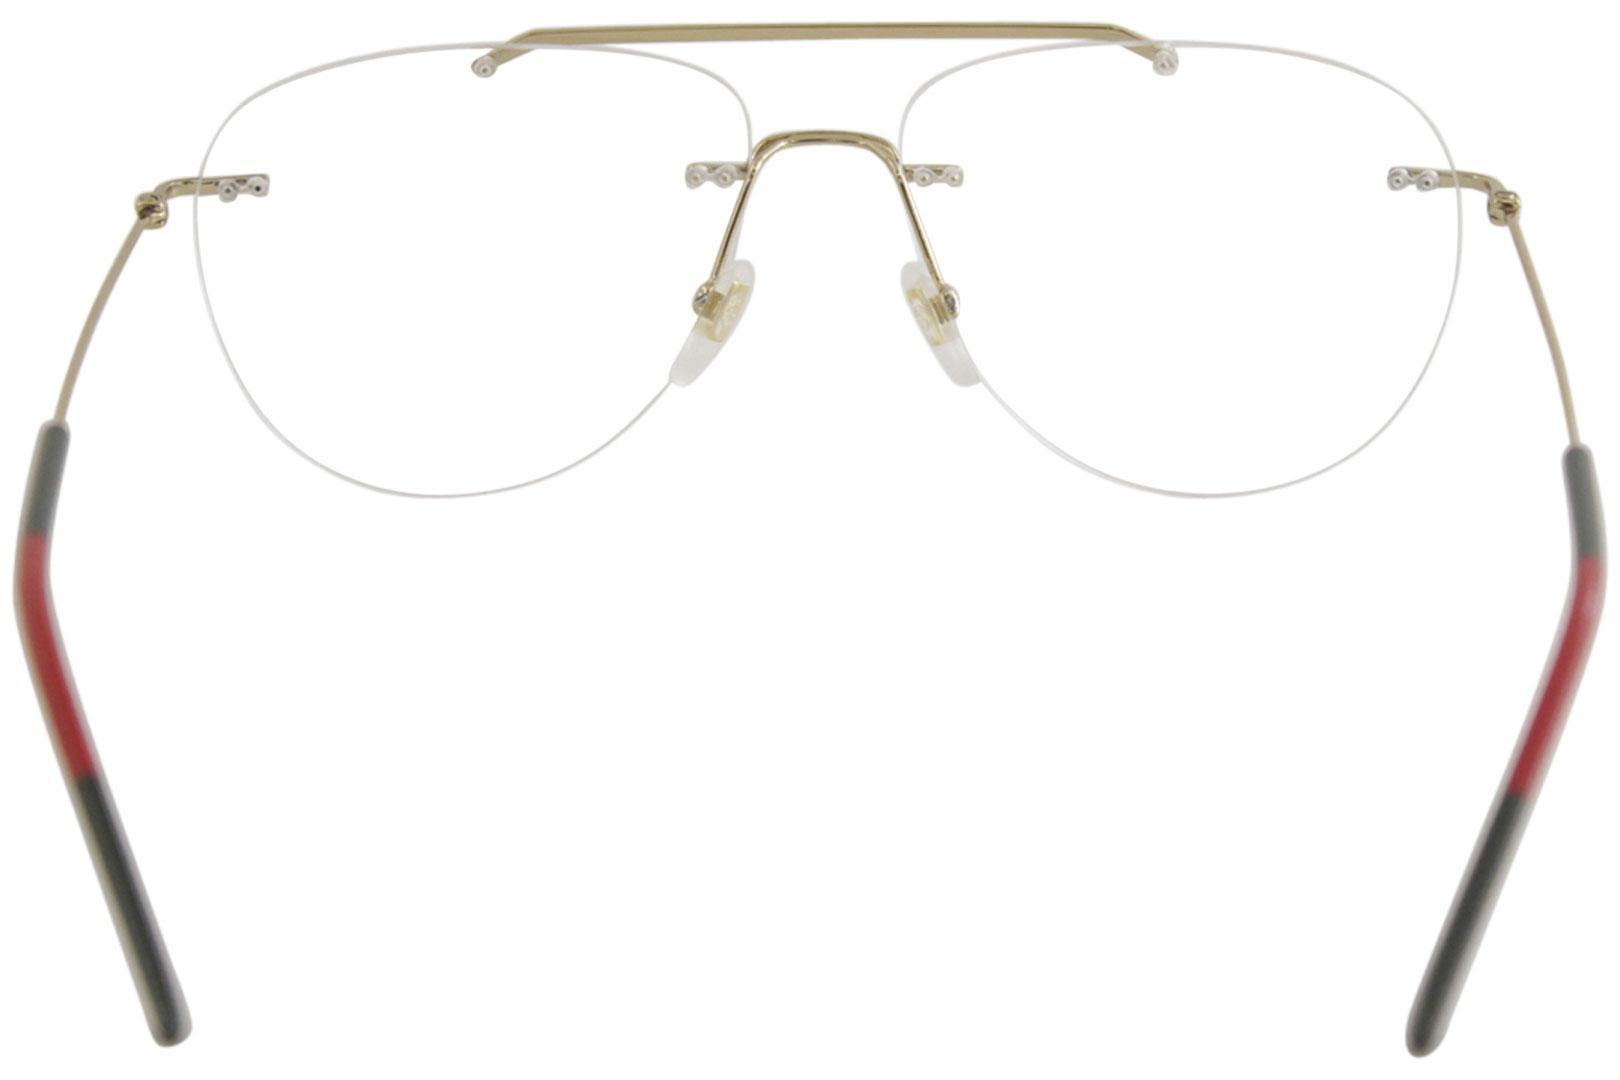 47082c412c79 Gucci Men's Eyeglasses GG0398O GG/0398/O Rimless Optical Frame